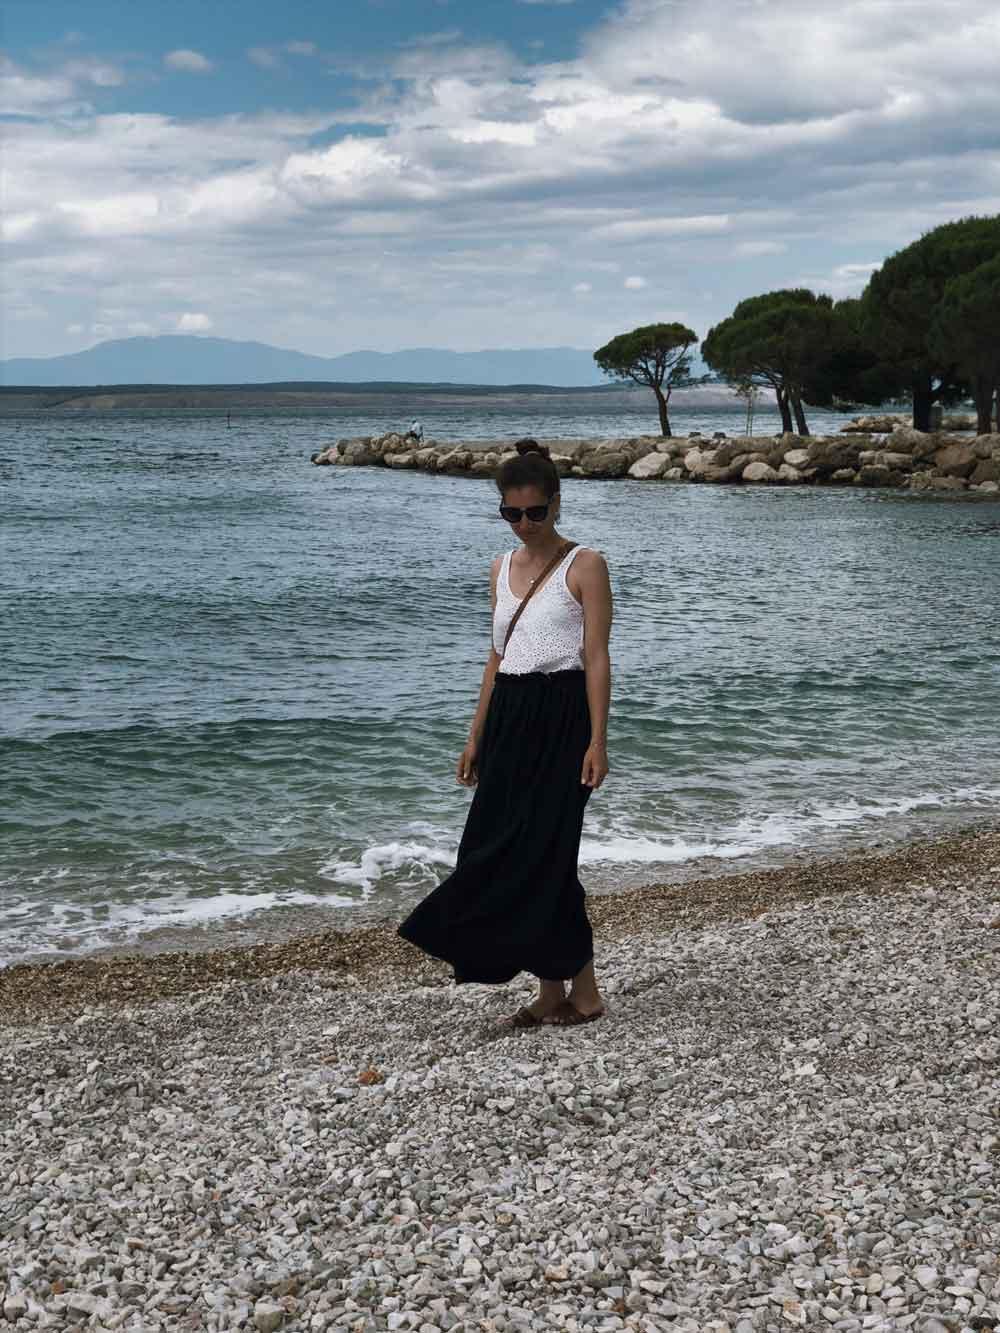 Rock naehen Anleitung diy maxi Outfit musselin Sommer Meer Strand - Ein Sommerrock   einfach und schnell genäht in unter 30 Minuten